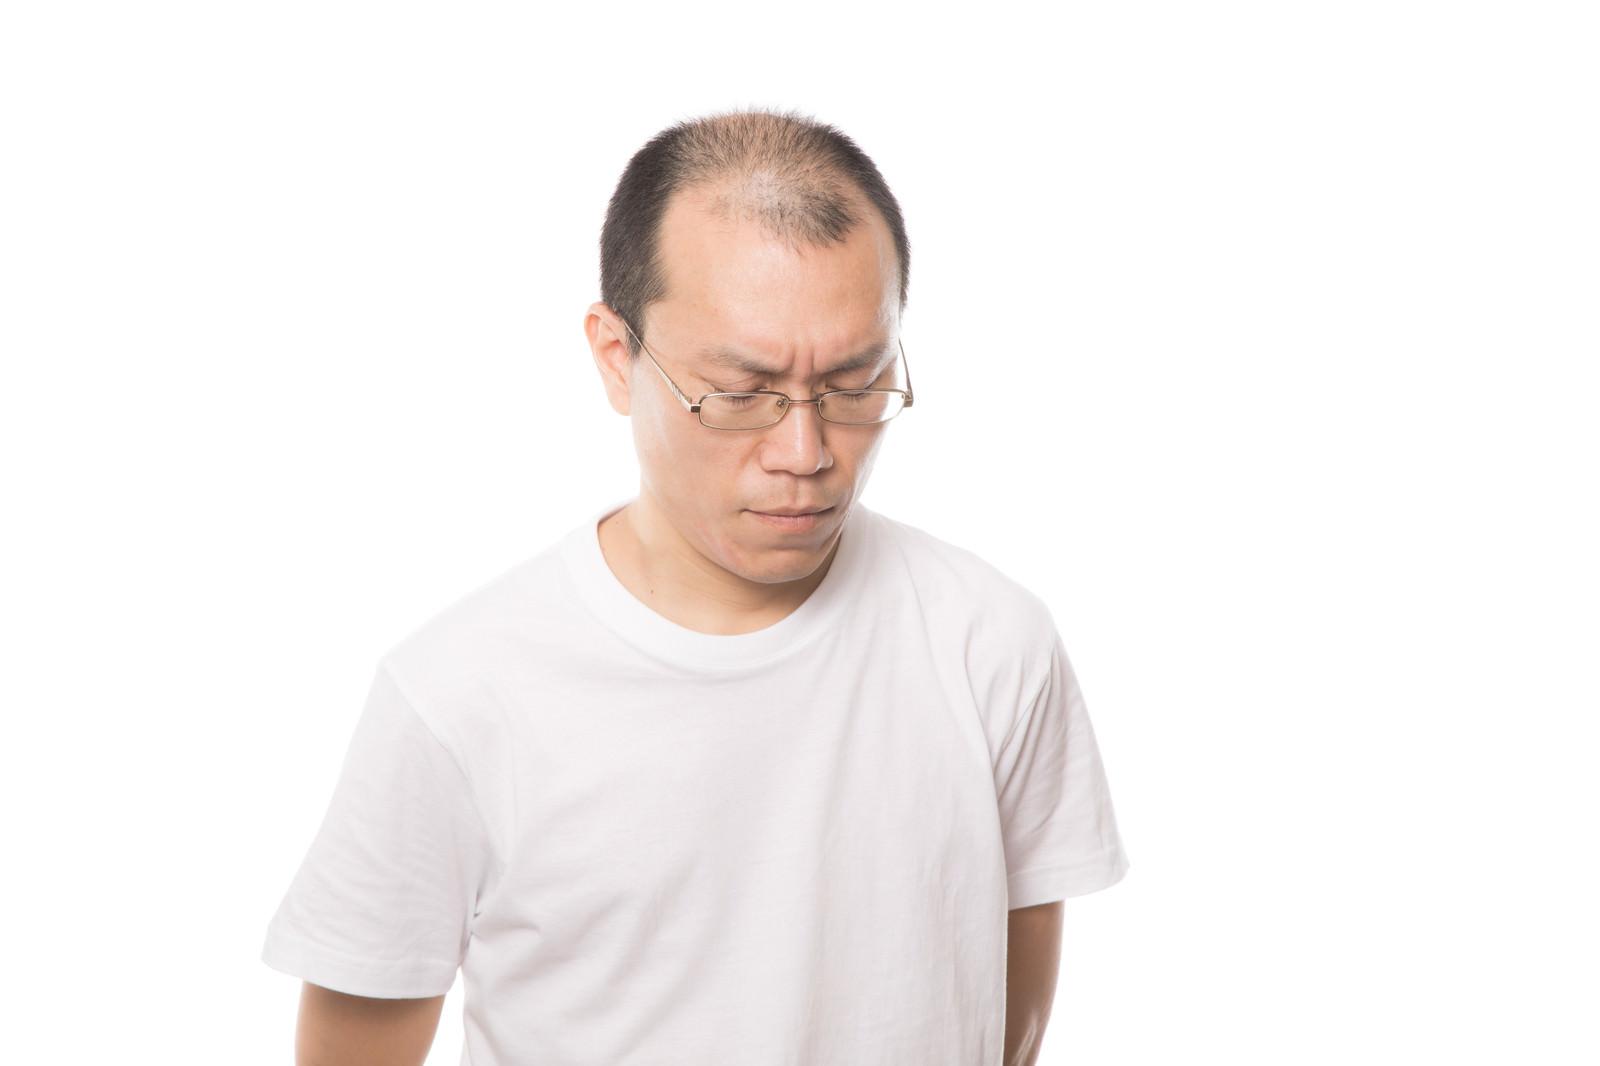 「薄毛を気にして苦しむ男性 | 写真の無料素材・フリー素材 - ぱくたそ」の写真[モデル:サンライズ鈴木]